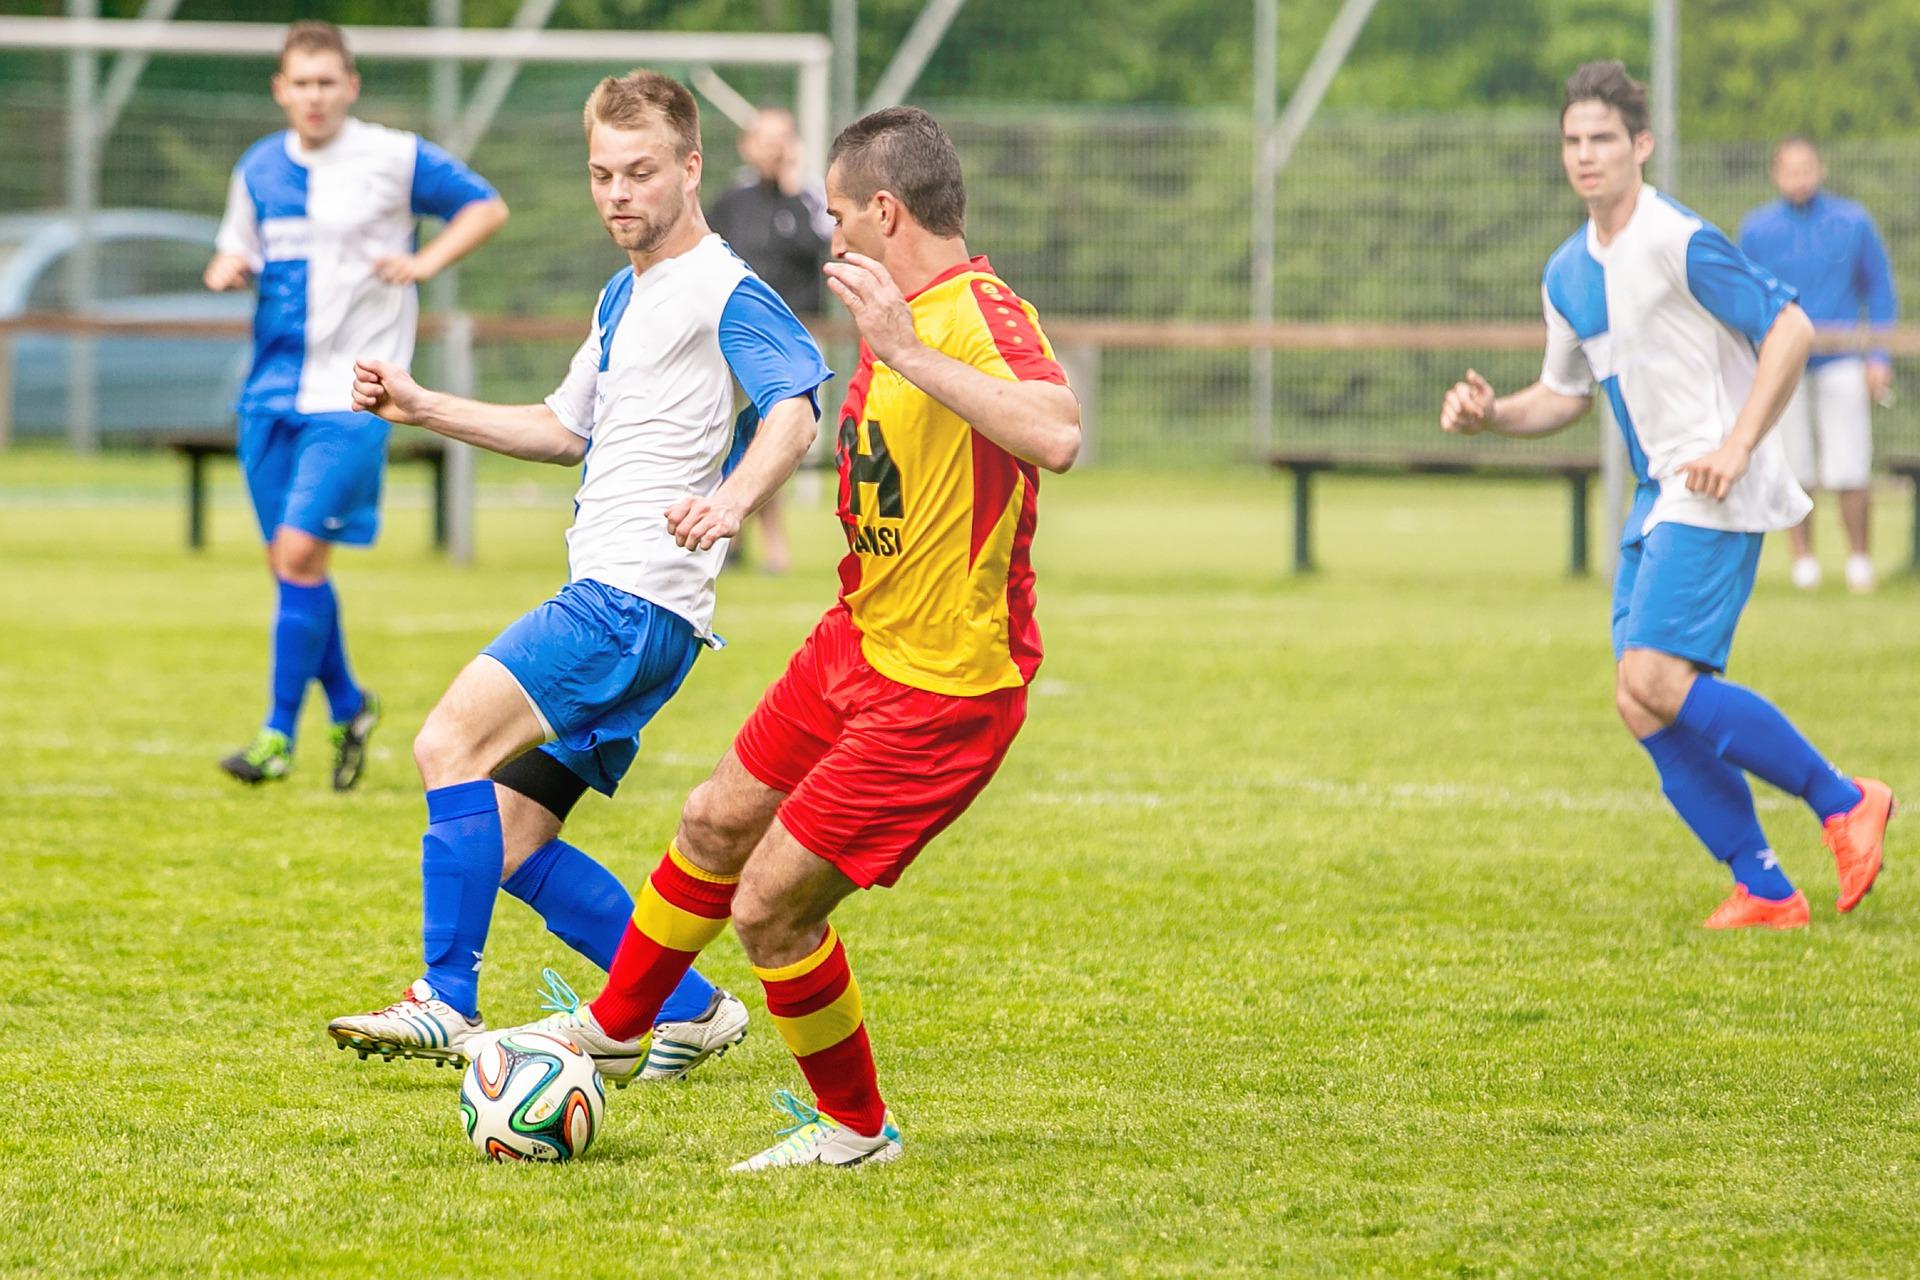 Dos jugadores de futbol disputándose el balón